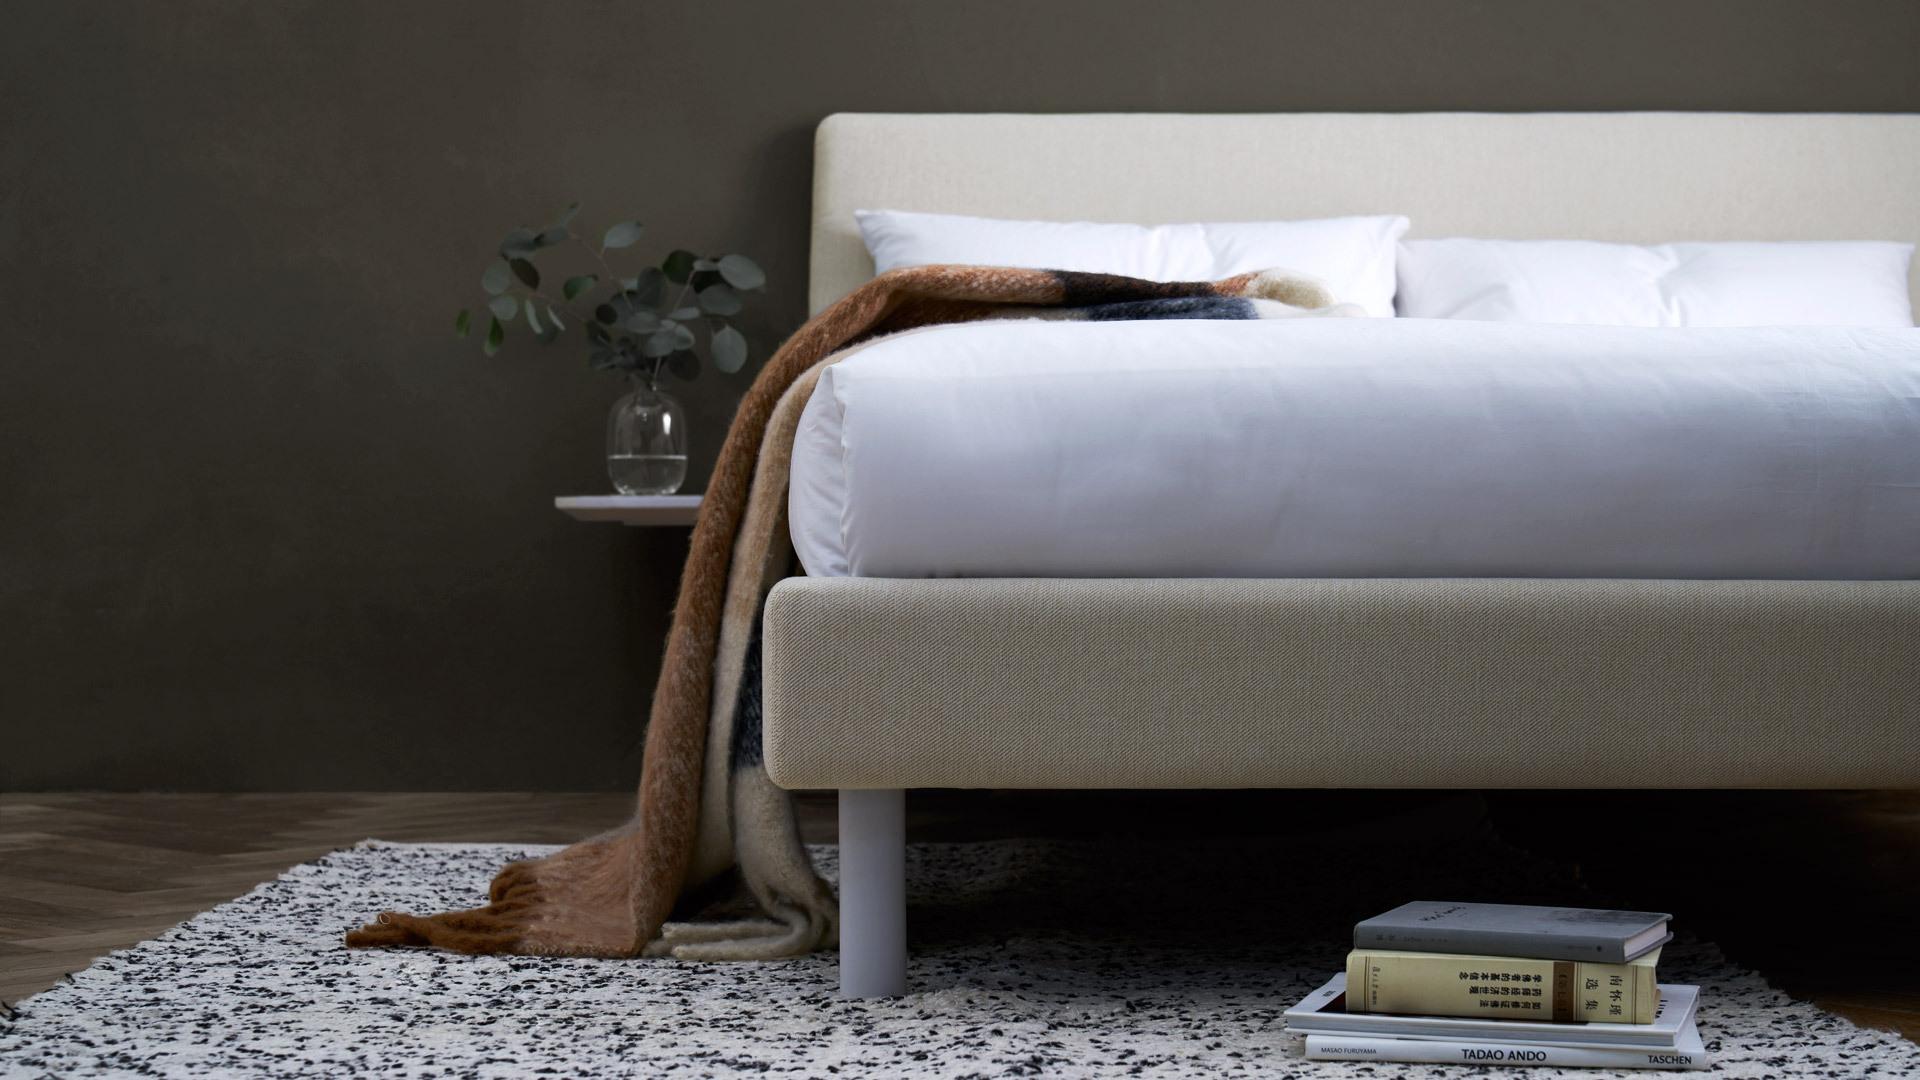 新版灰米,安睡的恬逸温暖